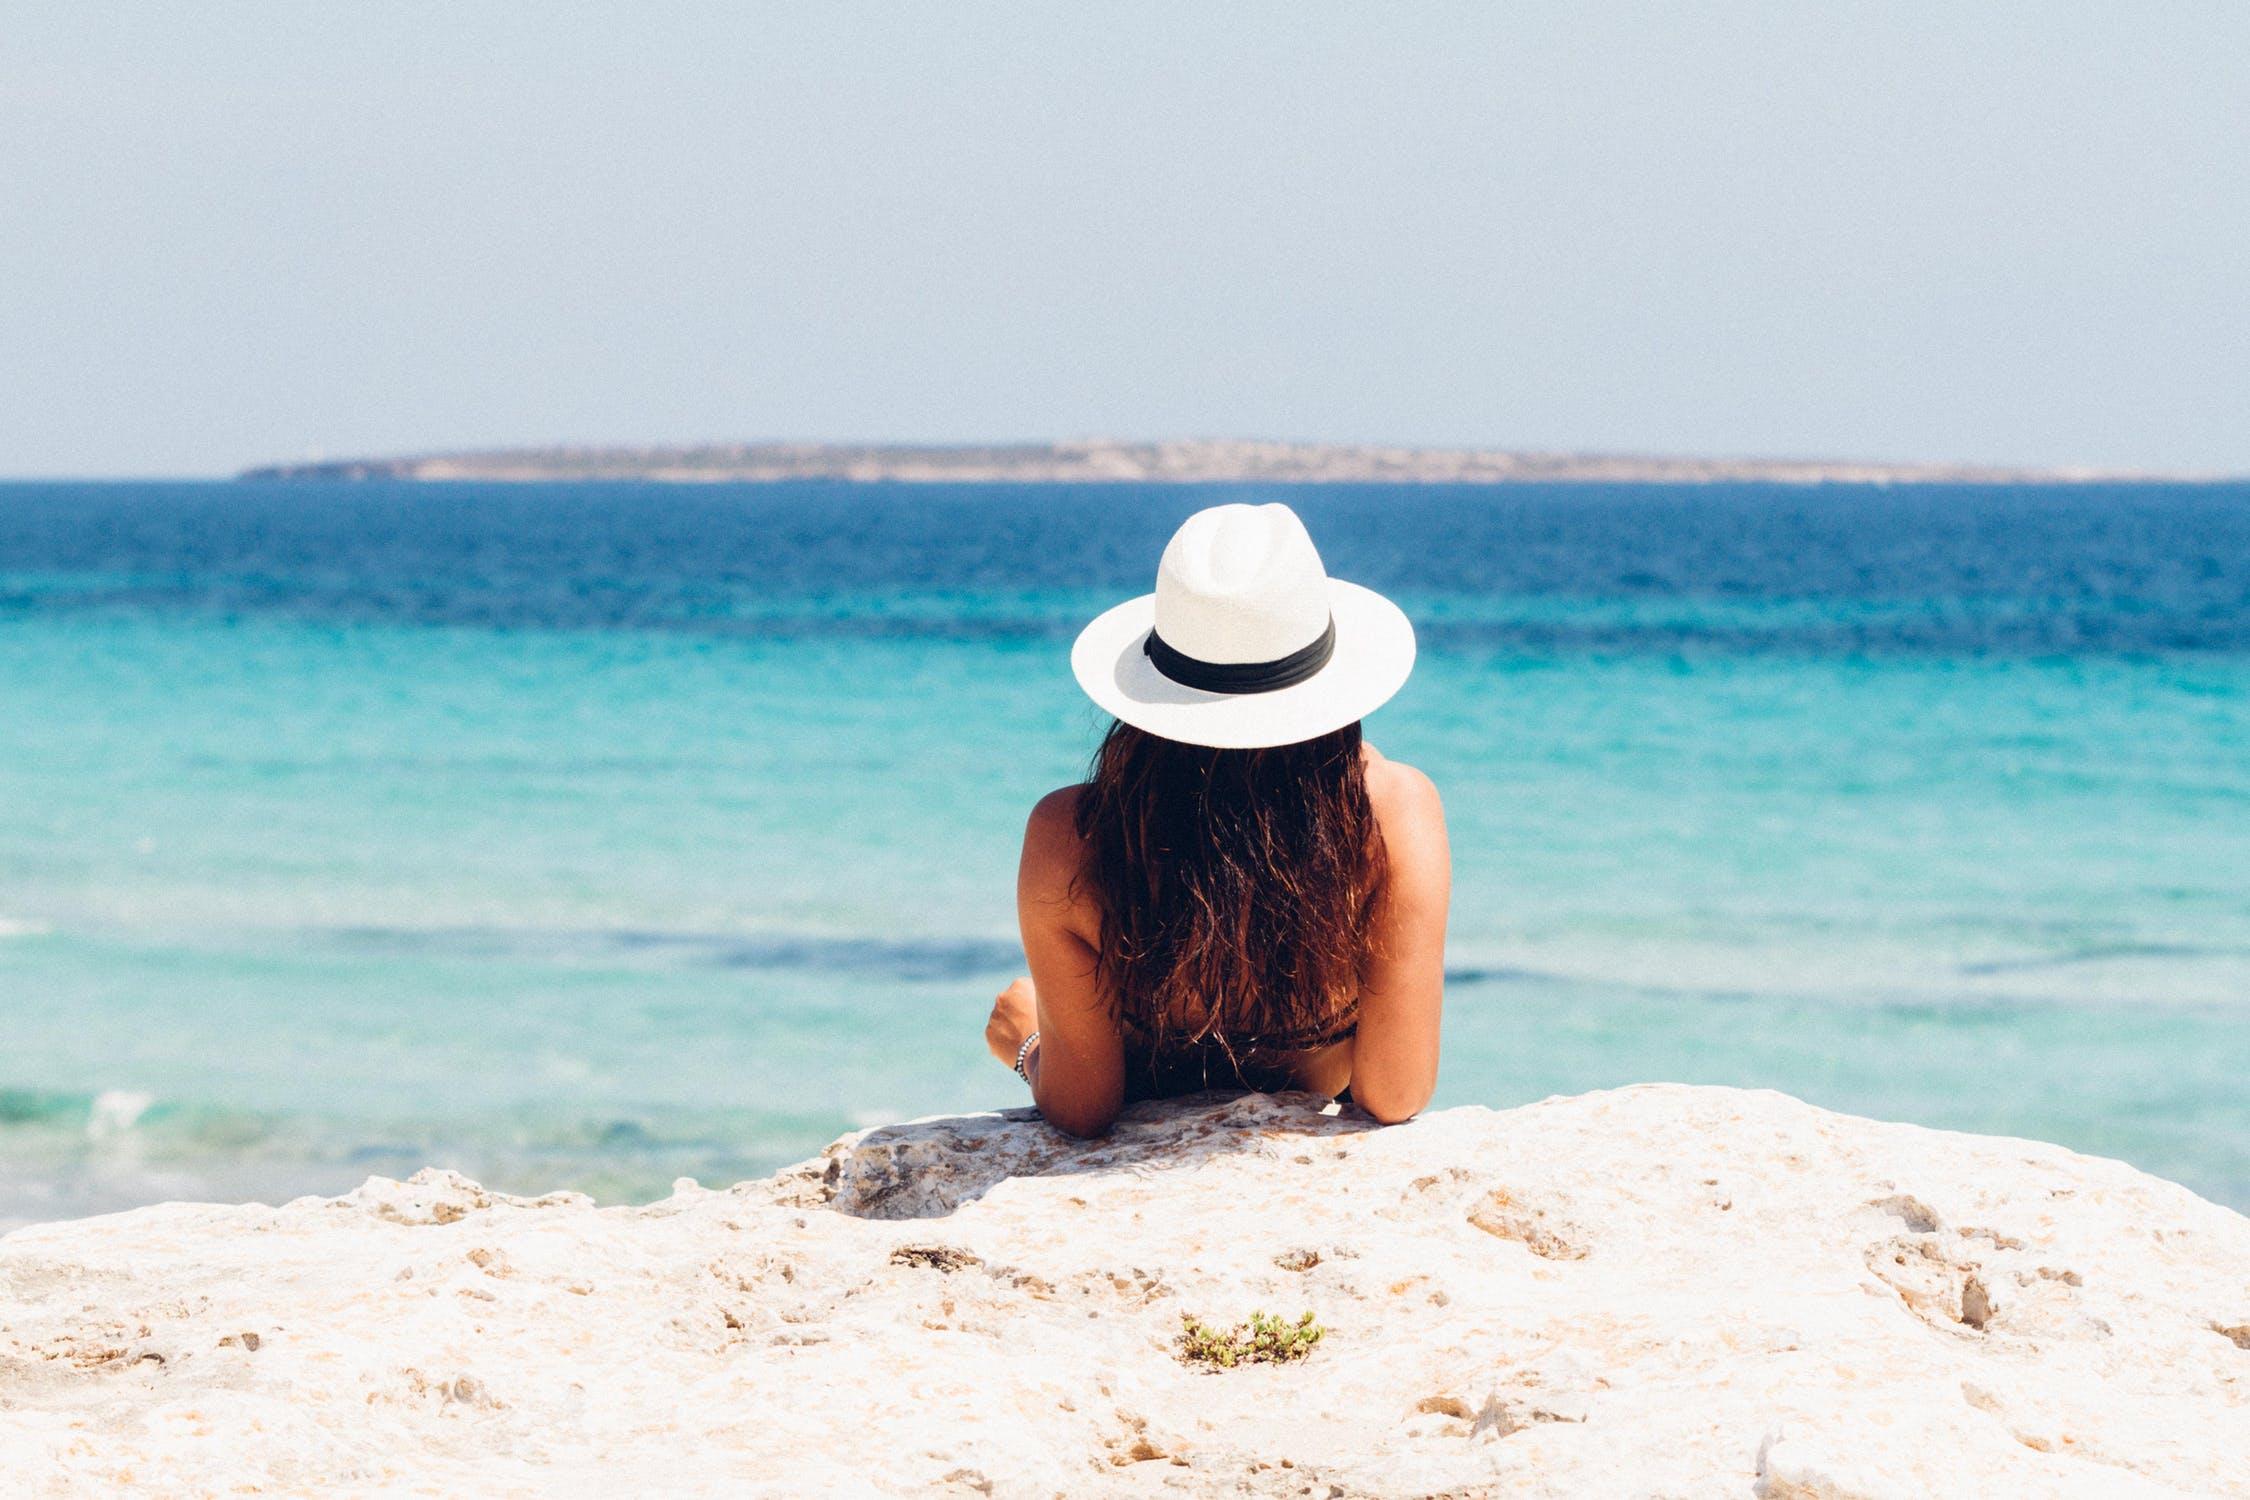 Odpowiedzialność organizatora za nieudany wyjazd turystyczny, urlop.